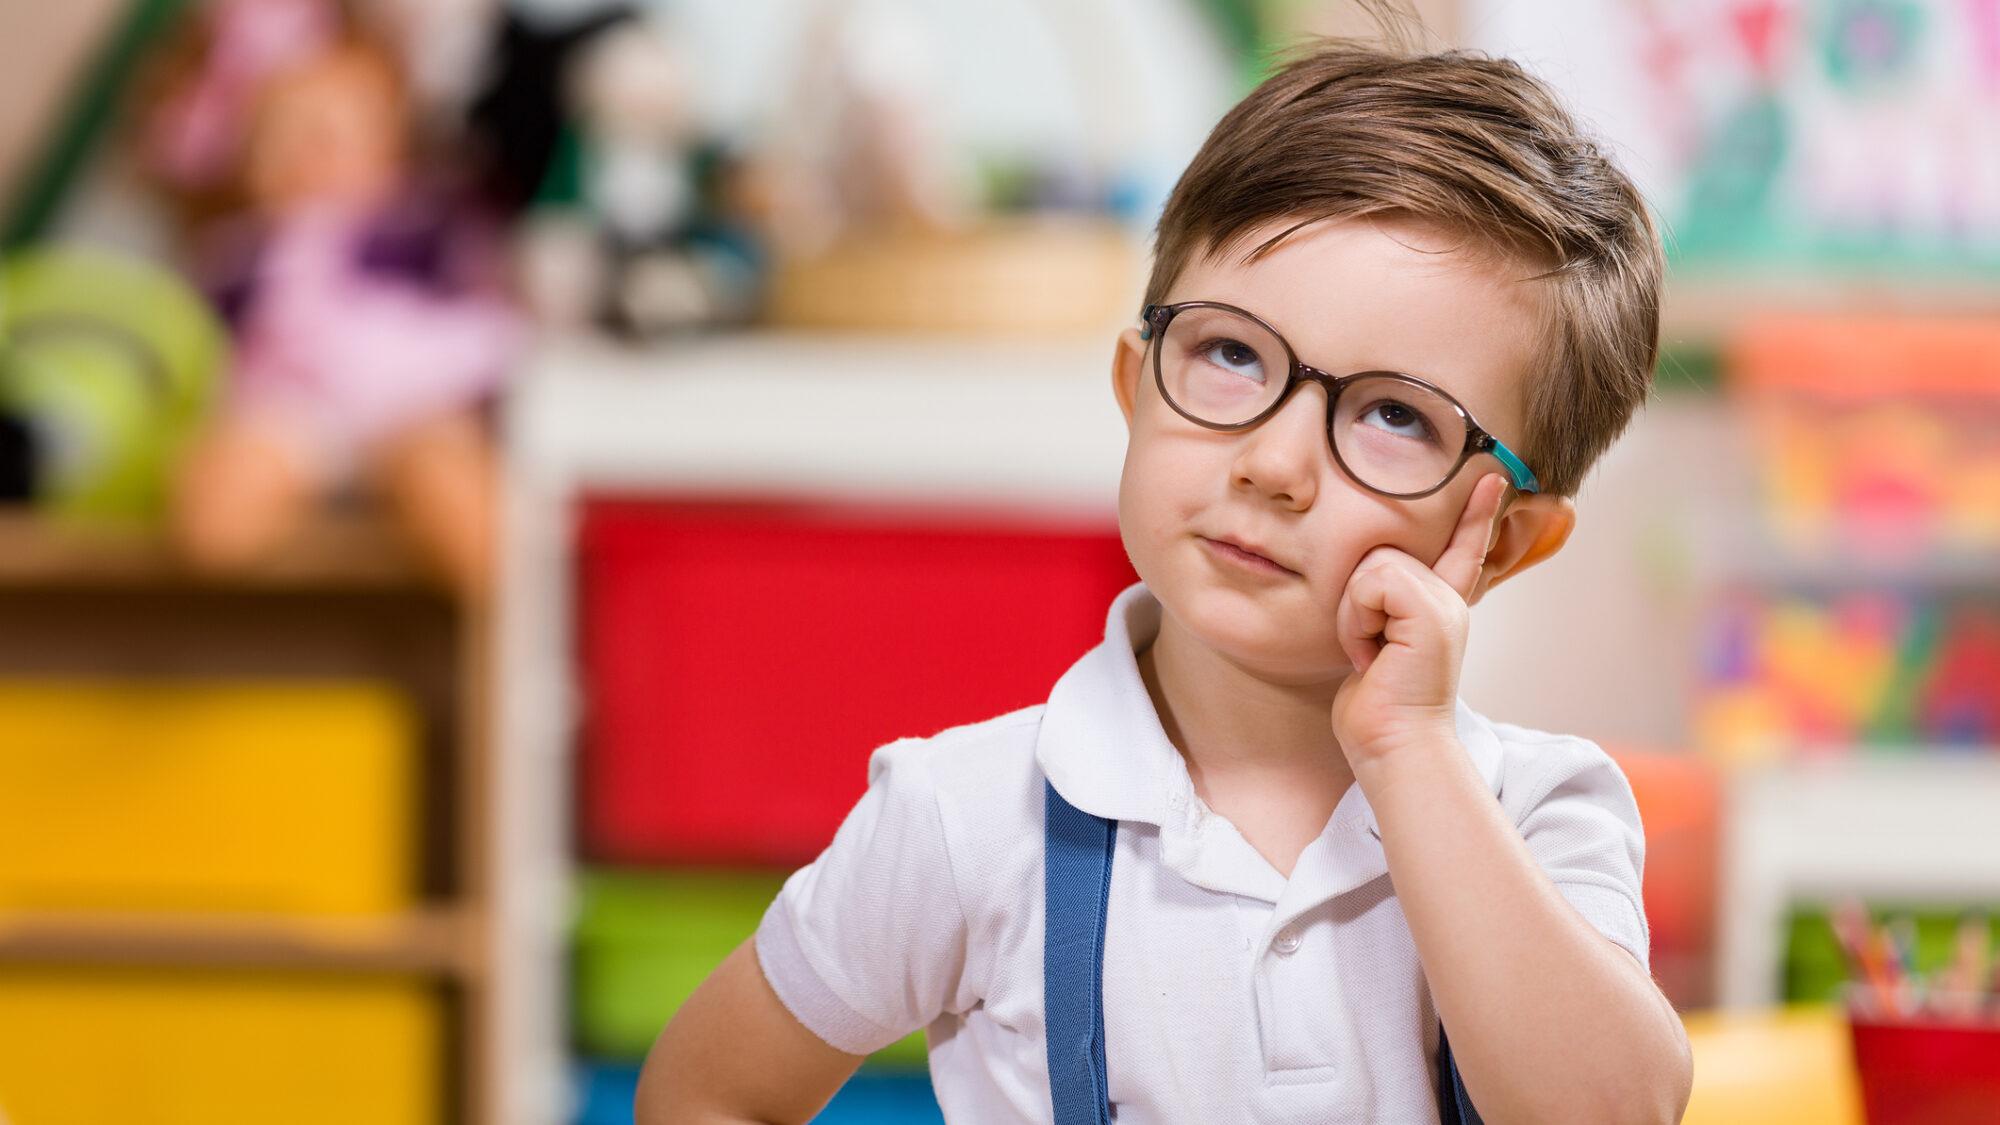 O seu filho tem problemas de visão?